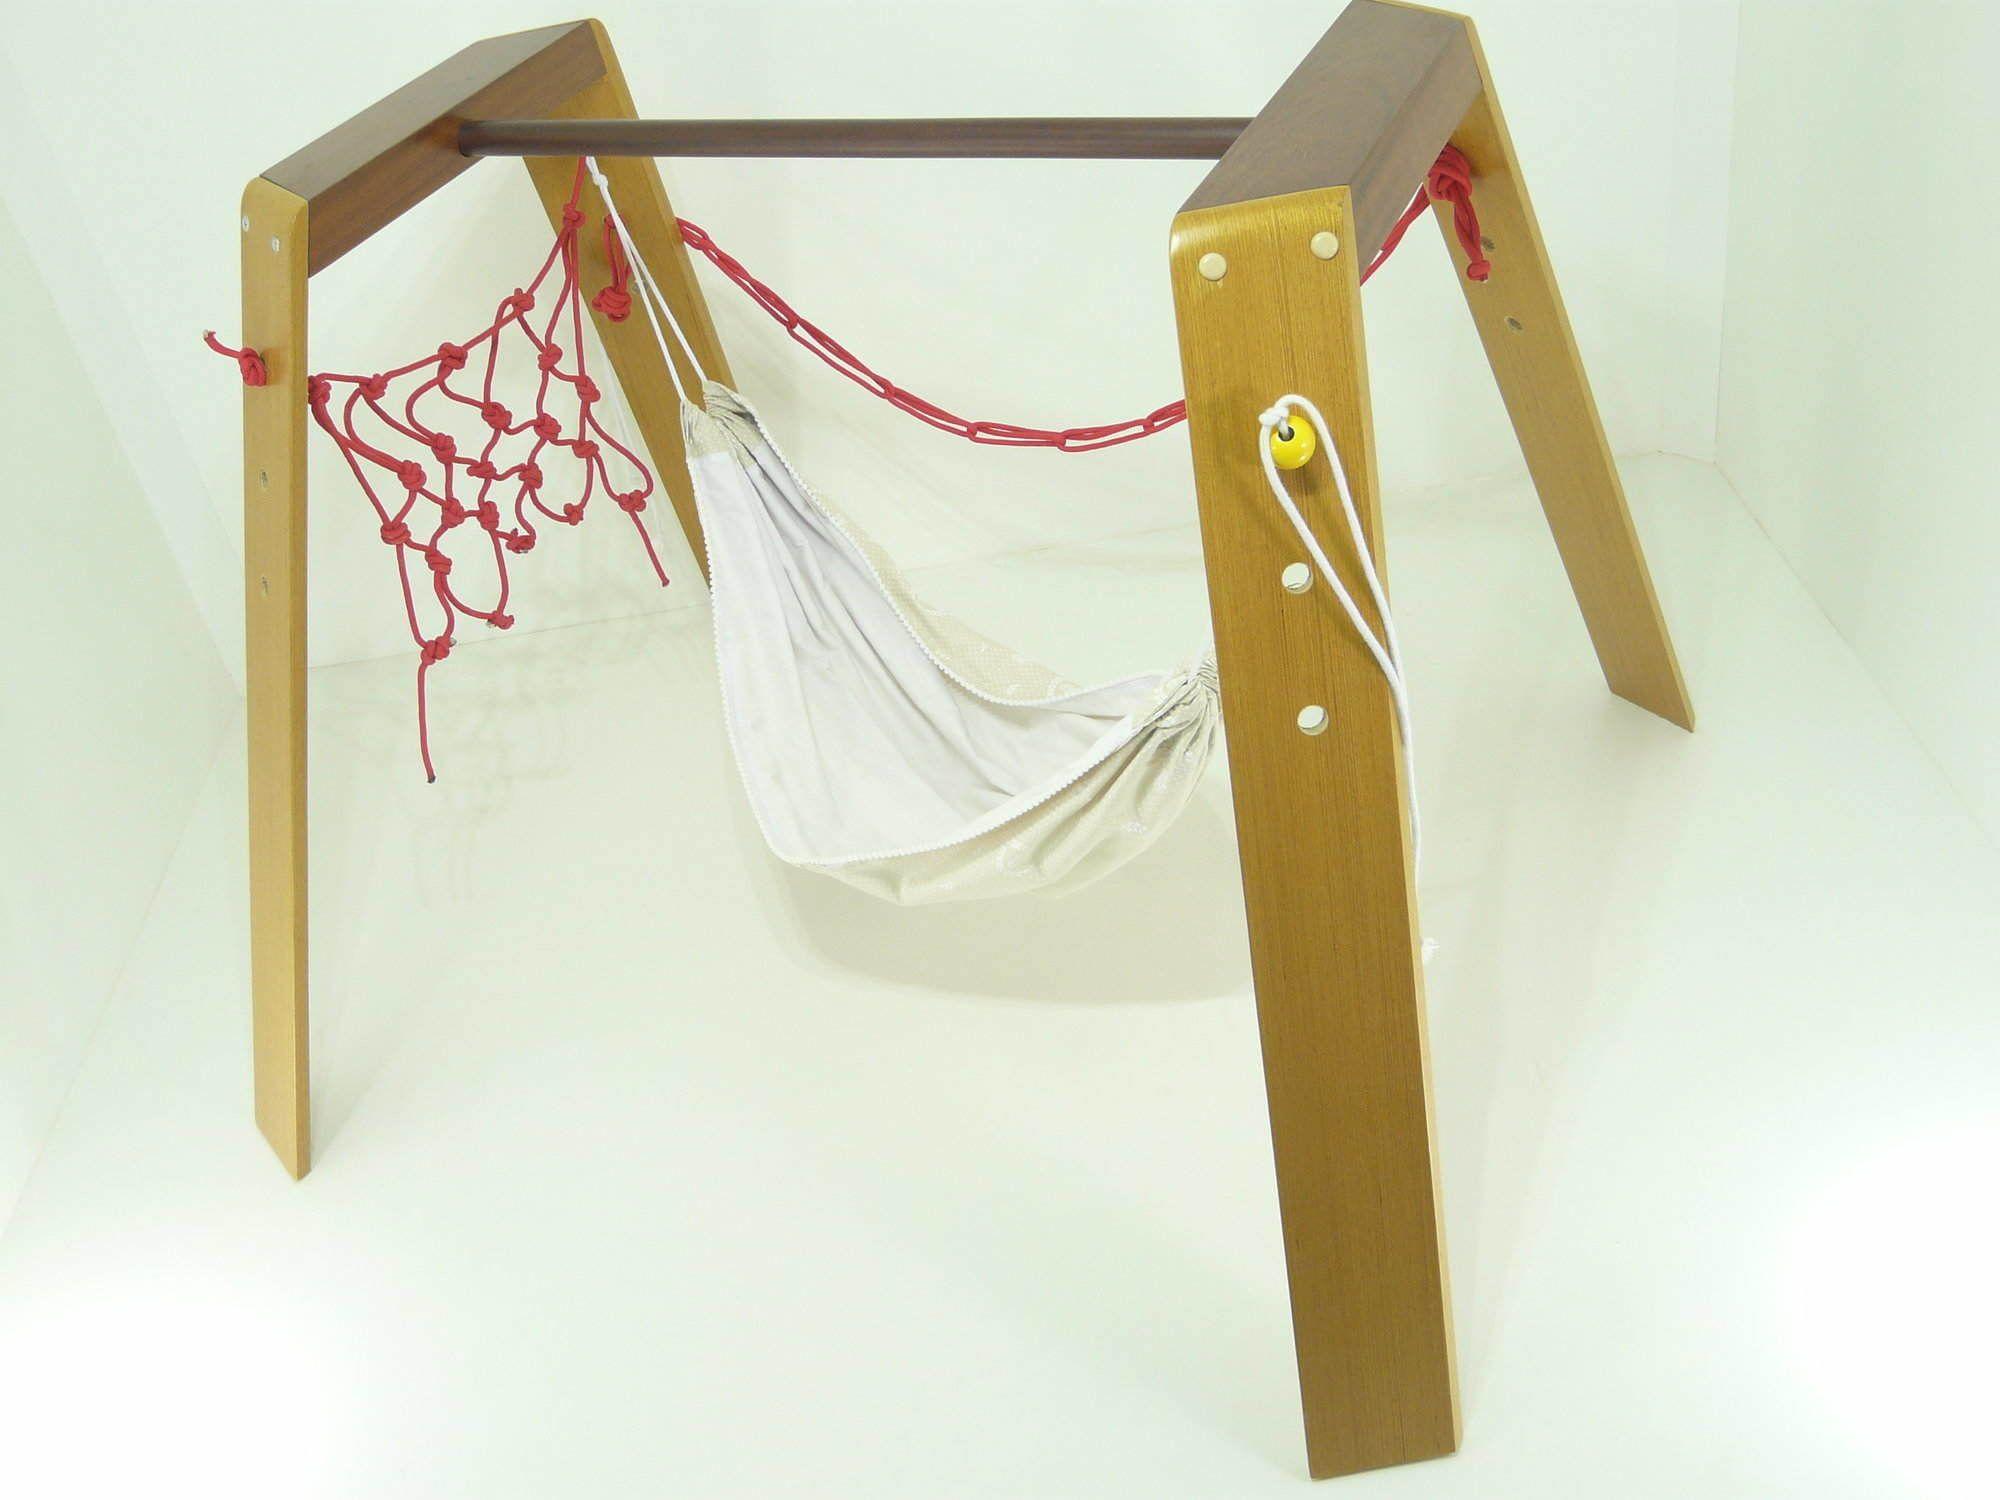 Baby Gym 4 em 1 + kit Móbiles